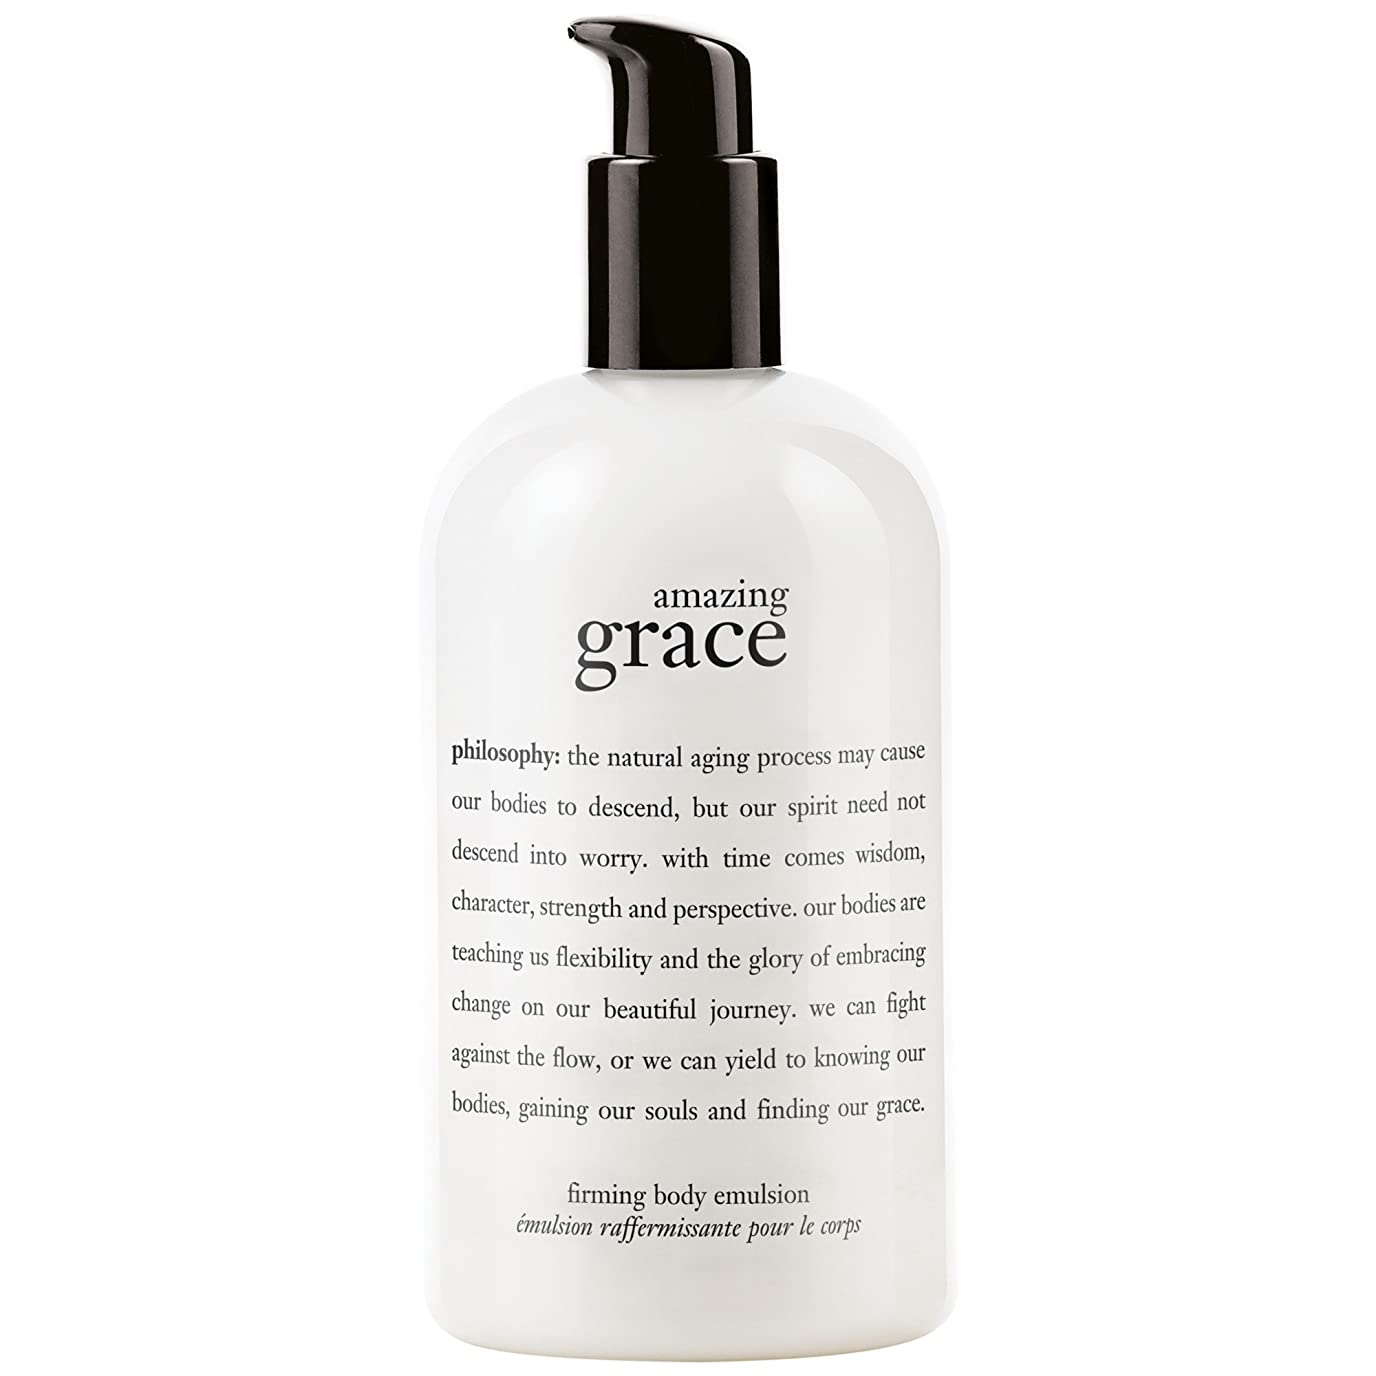 アジテーション溶接フレキシブル哲学驚くべき恵み引き締めボディエマルジョン480ミリリットル (Philosophy) (x6) - Philosophy Amazing Grace Firming Body Emulsion 480ml (Pack of 6) [並行輸入品]